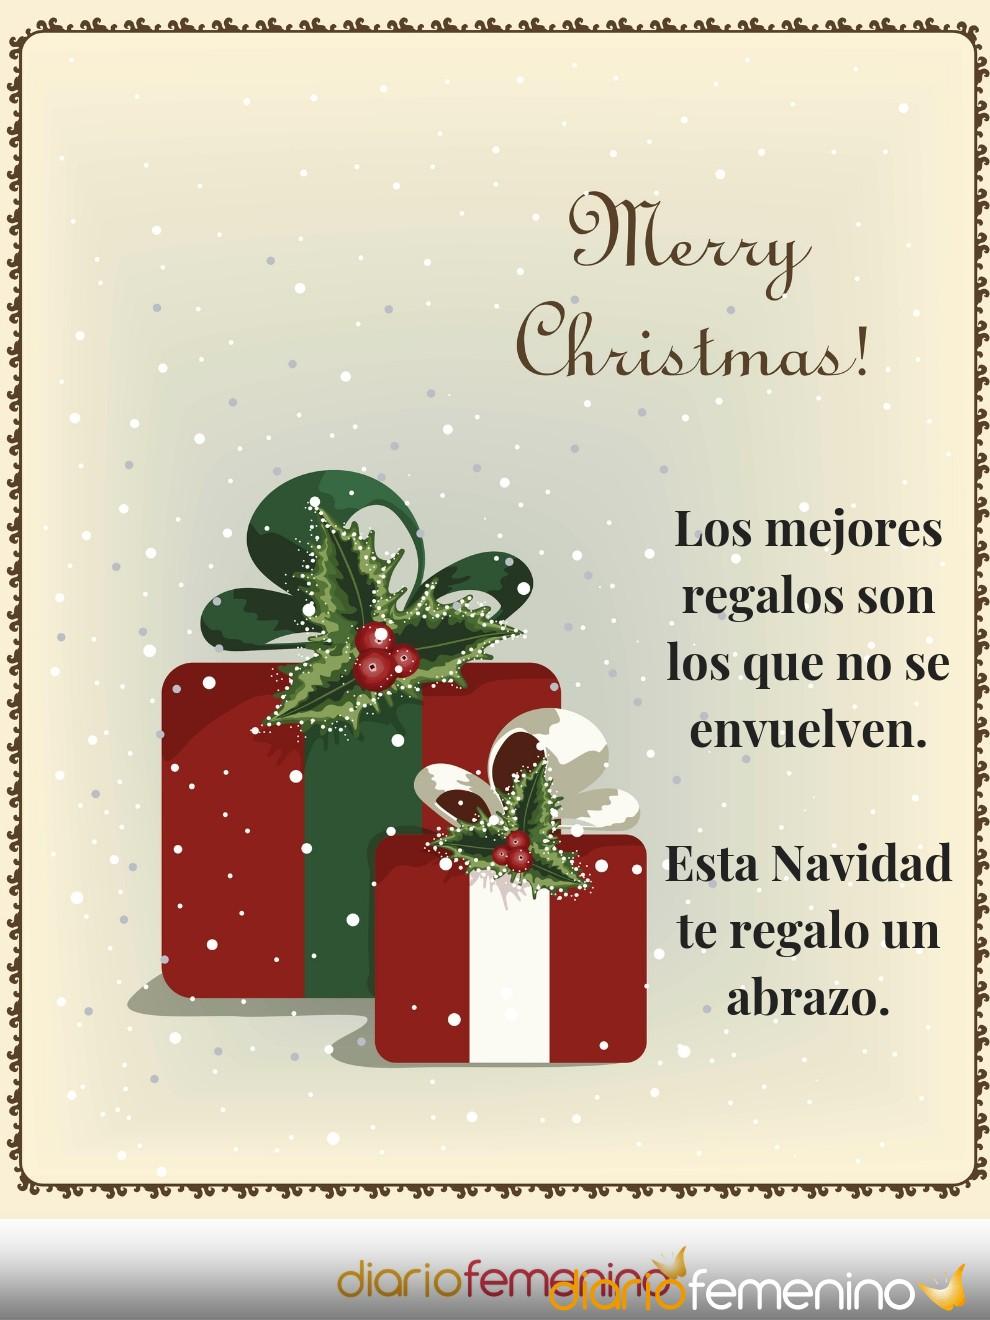 Tarjeta muy especial para desear una feliz Navidad a todos tus amigos